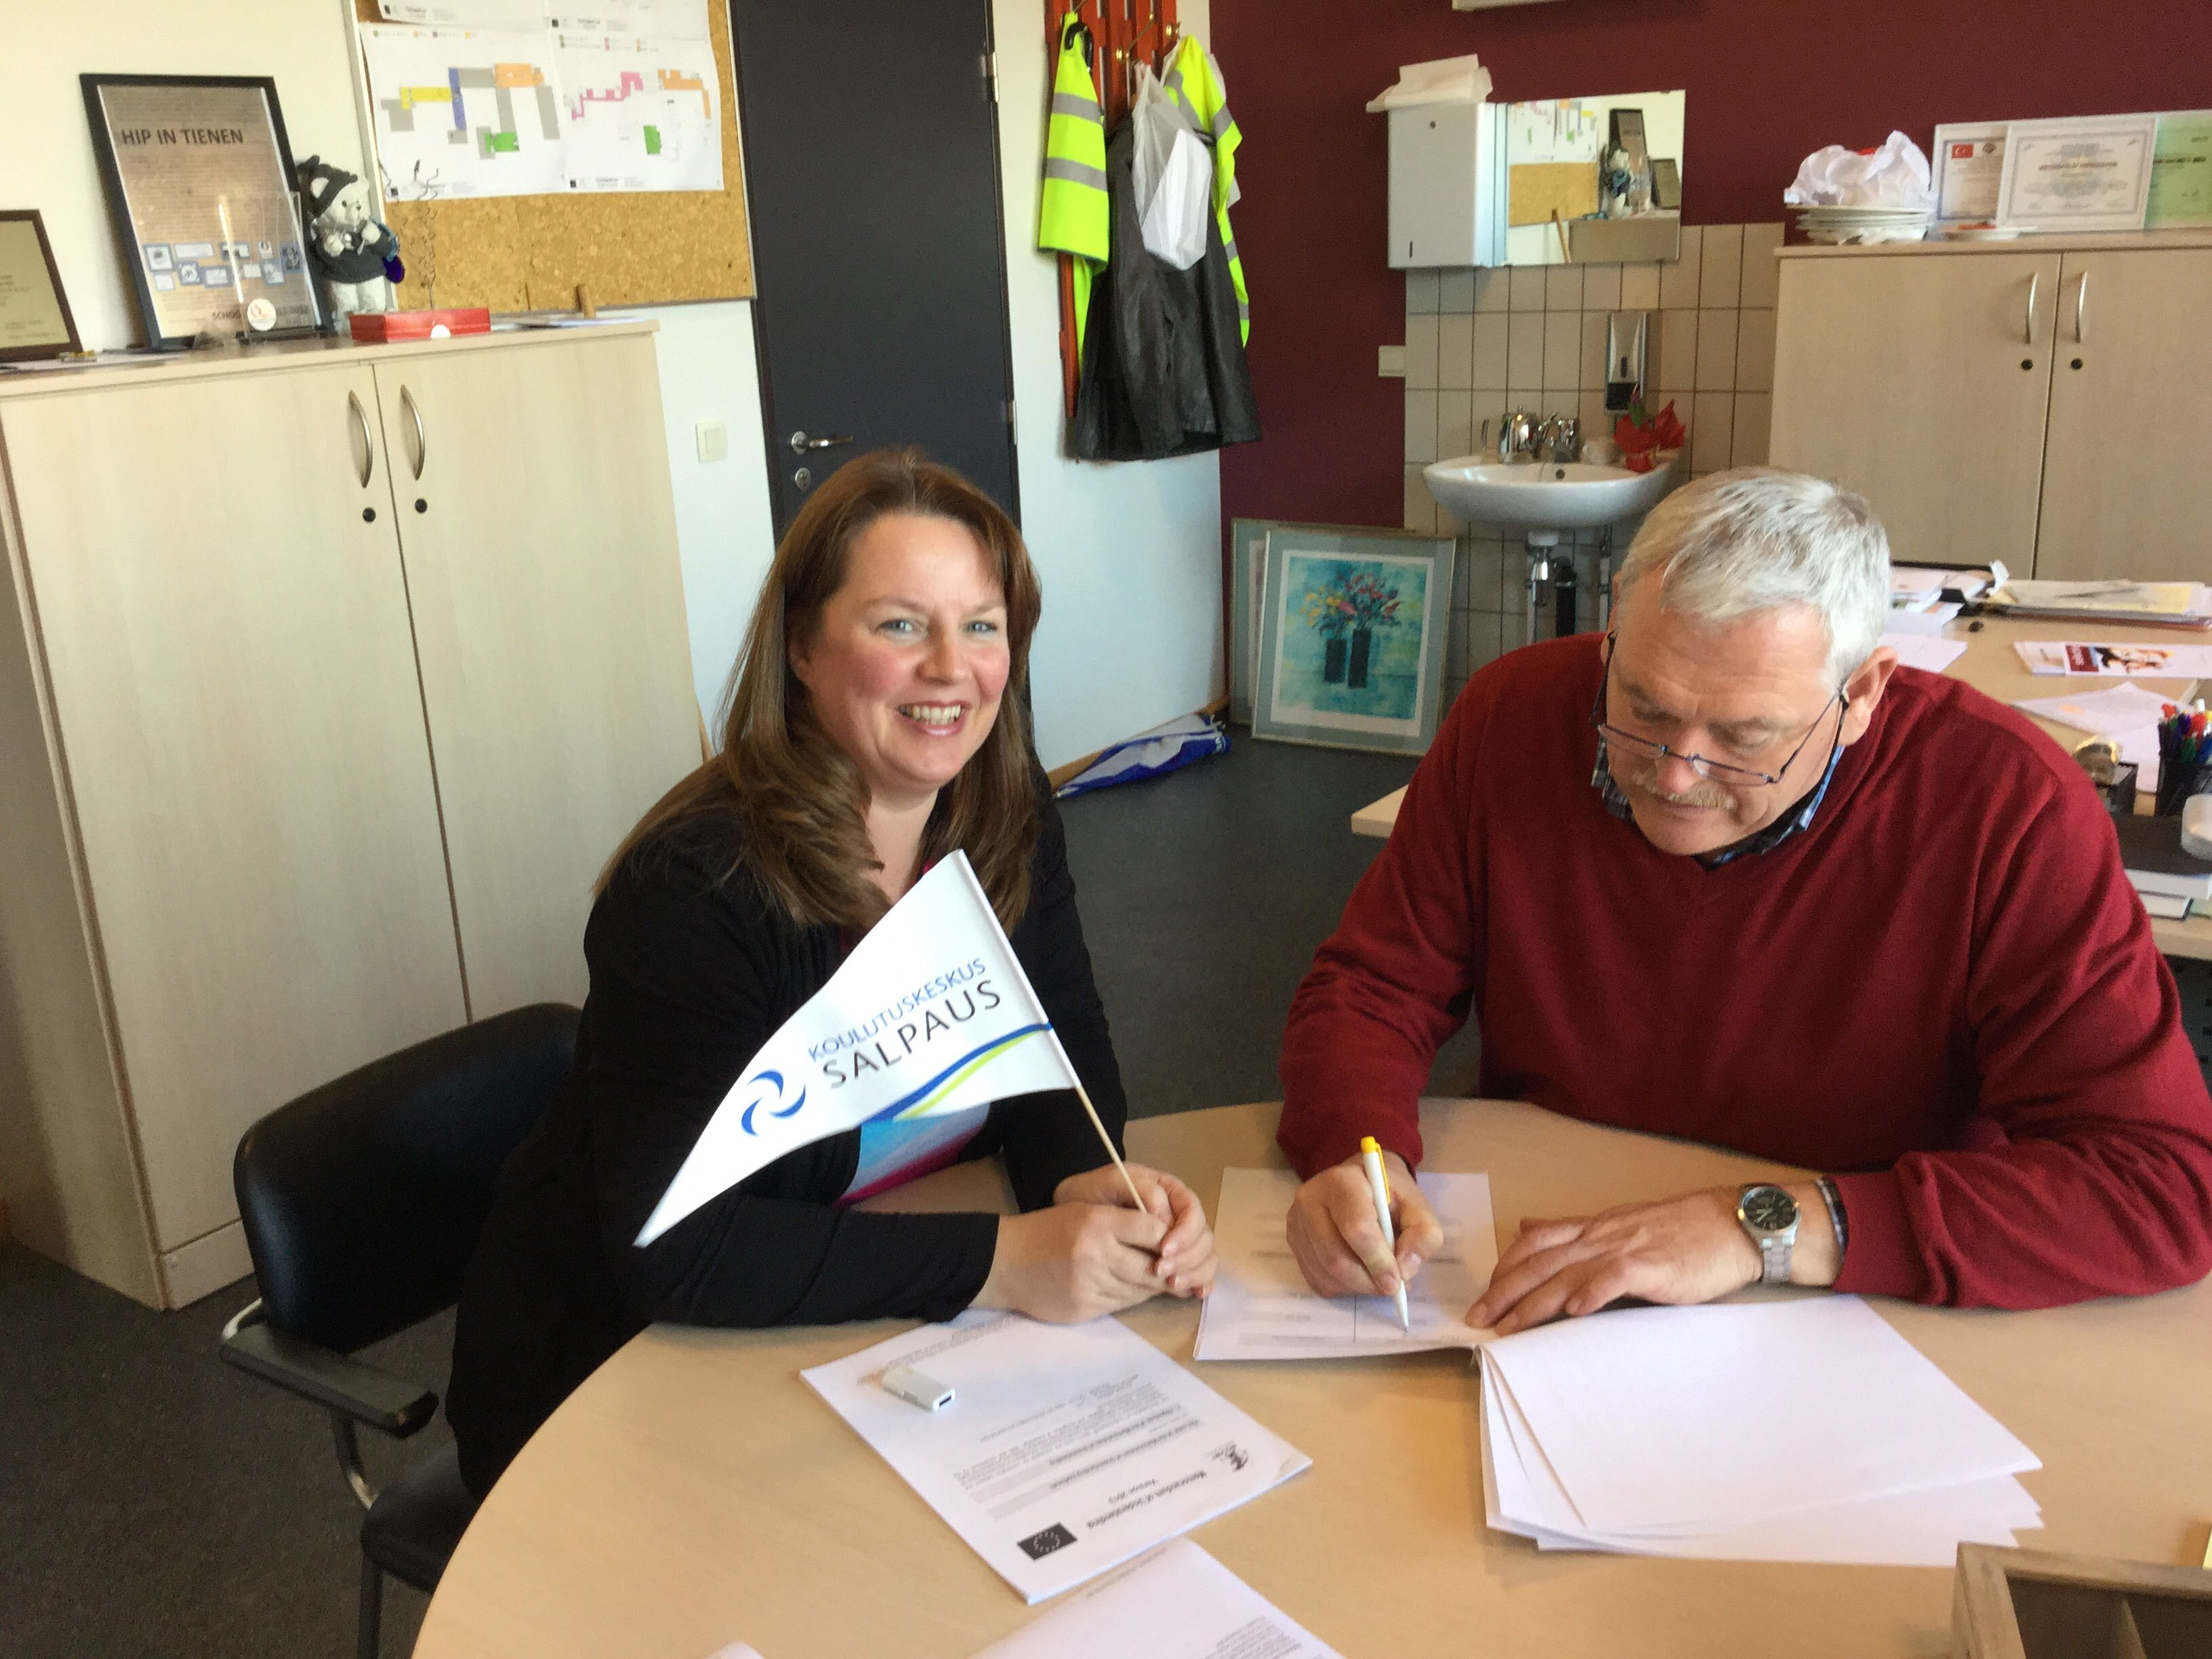 Salpauksen viiri liehuu yhteistyökumppanin luona Belgiassa: täysin uusi yhteistyösopimus MaRaEl alojen opiskelijoiden TOP jaksoja varten allekirjoitetaan nyt ensimmäistä kertaa.